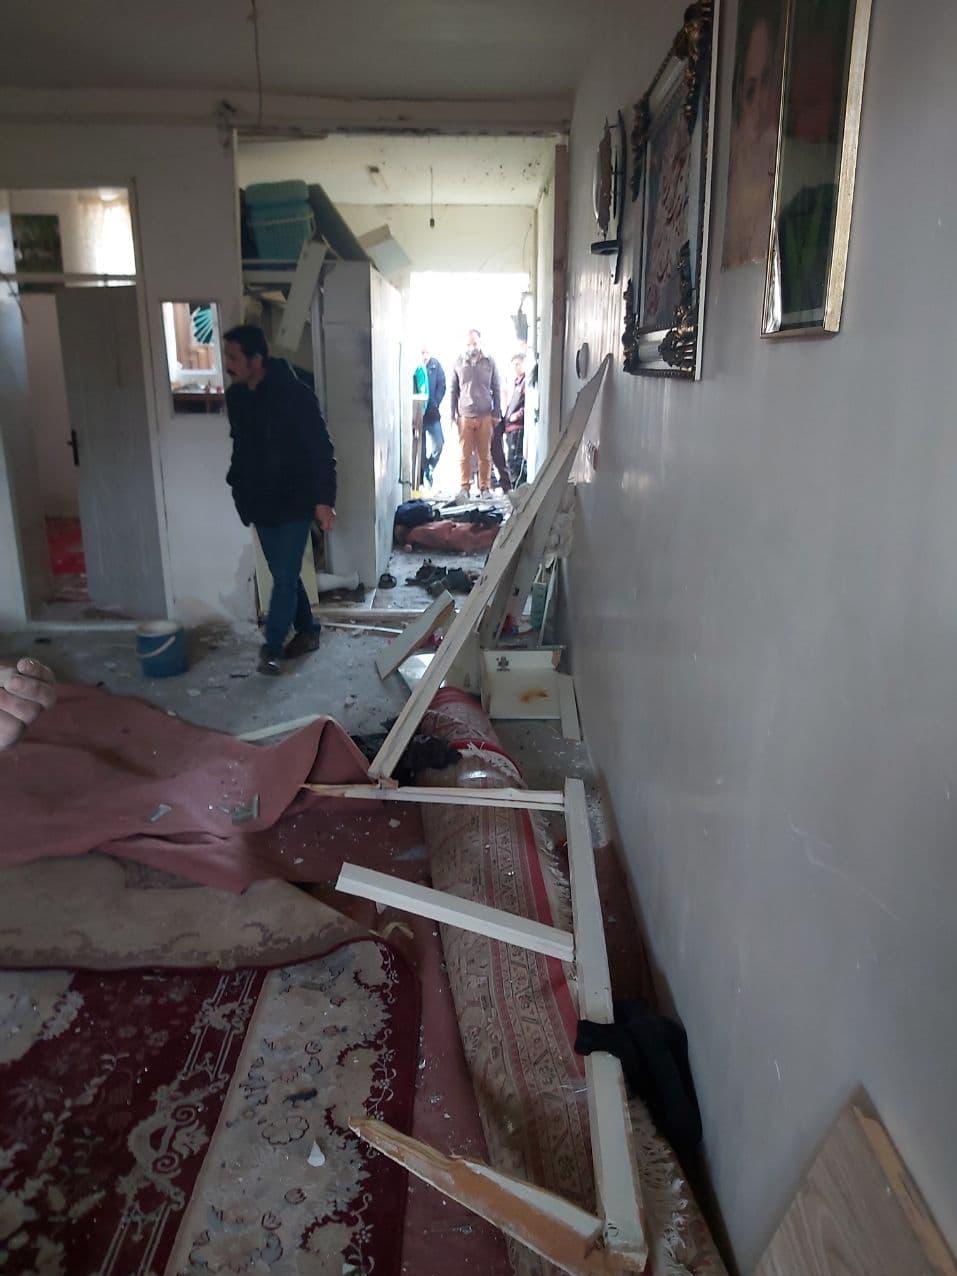 انفجار شدید ترقه دستساز خانهای را ویران کرد/ تصاویر